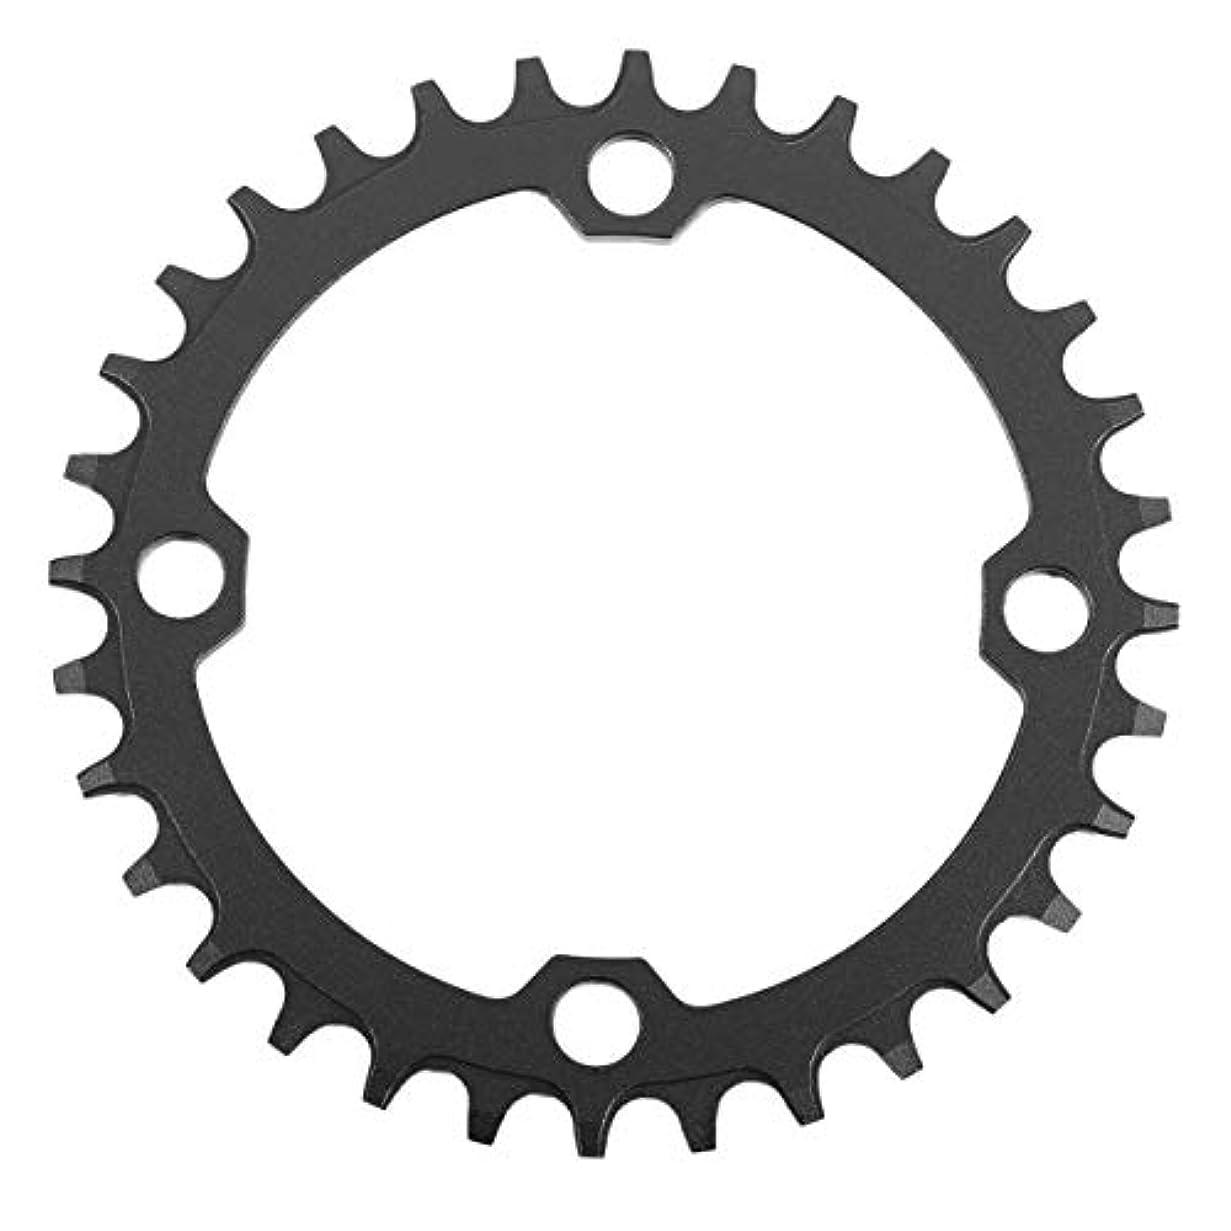 実験幻想ツインDECKAS Narrow Wide Bike MTB Crank Round Oval Chainring Chain Ring自転車Chainwheel Bike Circle Single Plate-ブラック